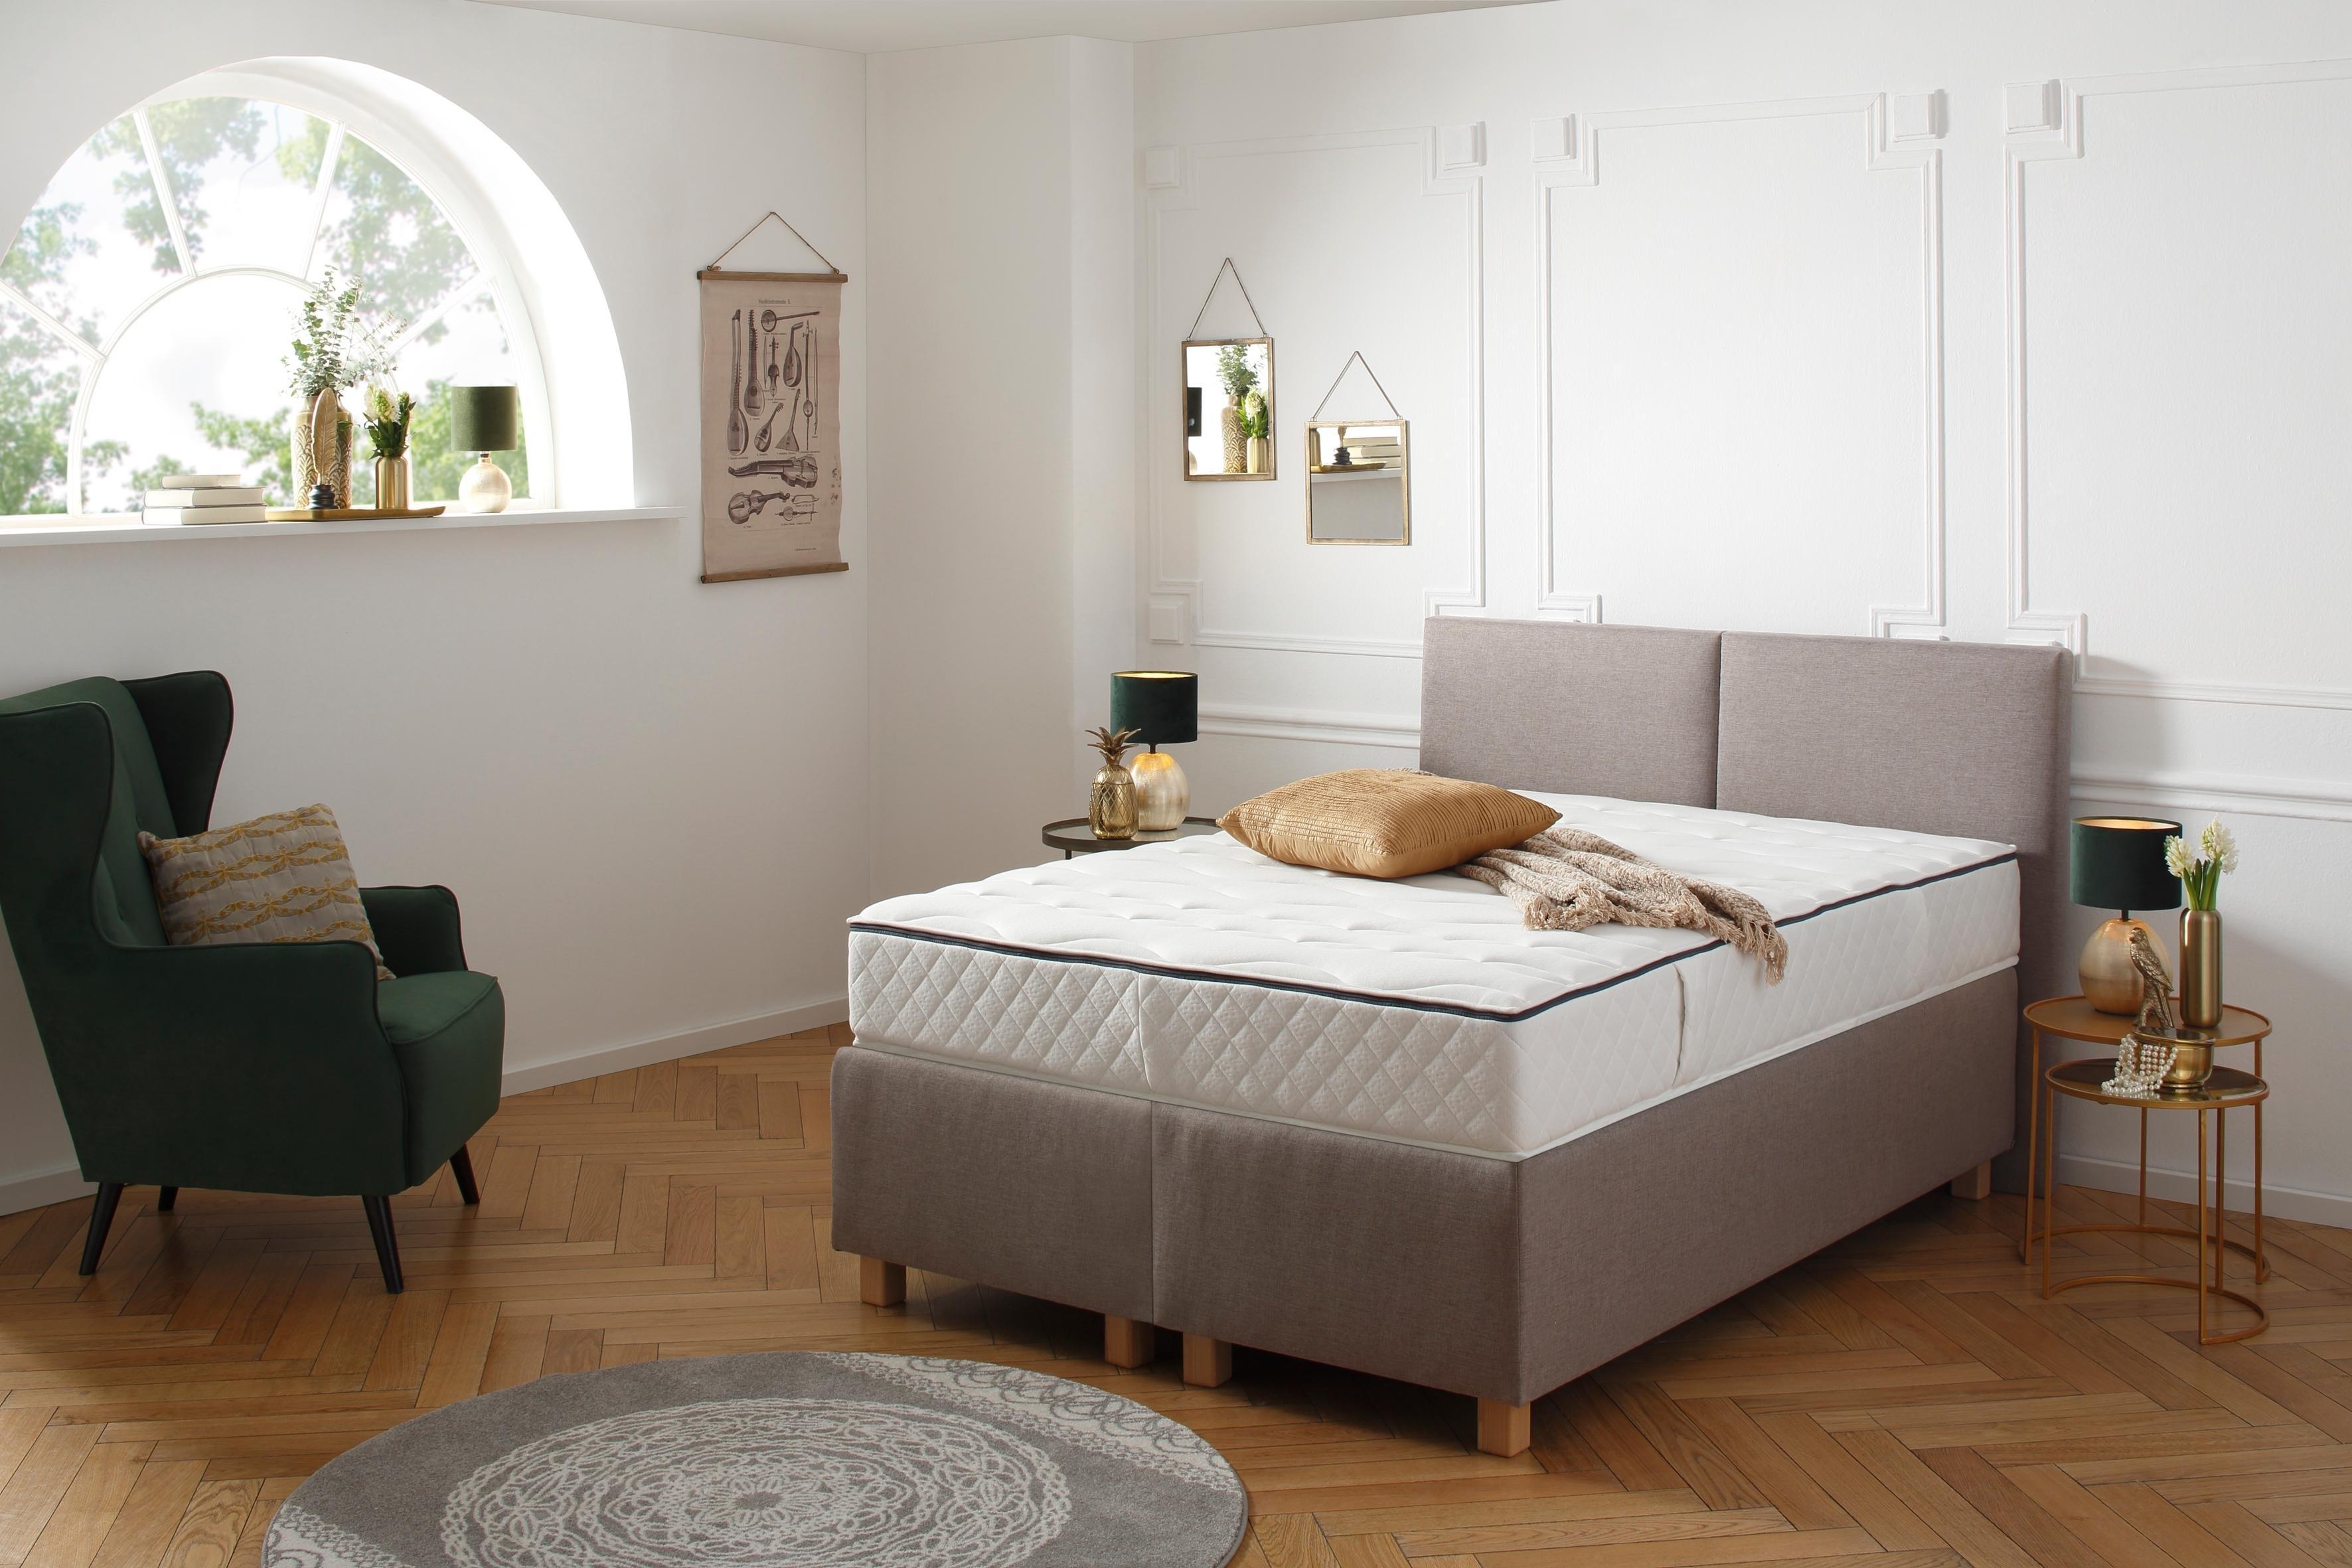 DELAVITA Pocketveringsmatras Fischa Met speciale zitrand voor gemakkelijk opstaan van het bed hoogte 27 cm - verschillende betaalmethodes